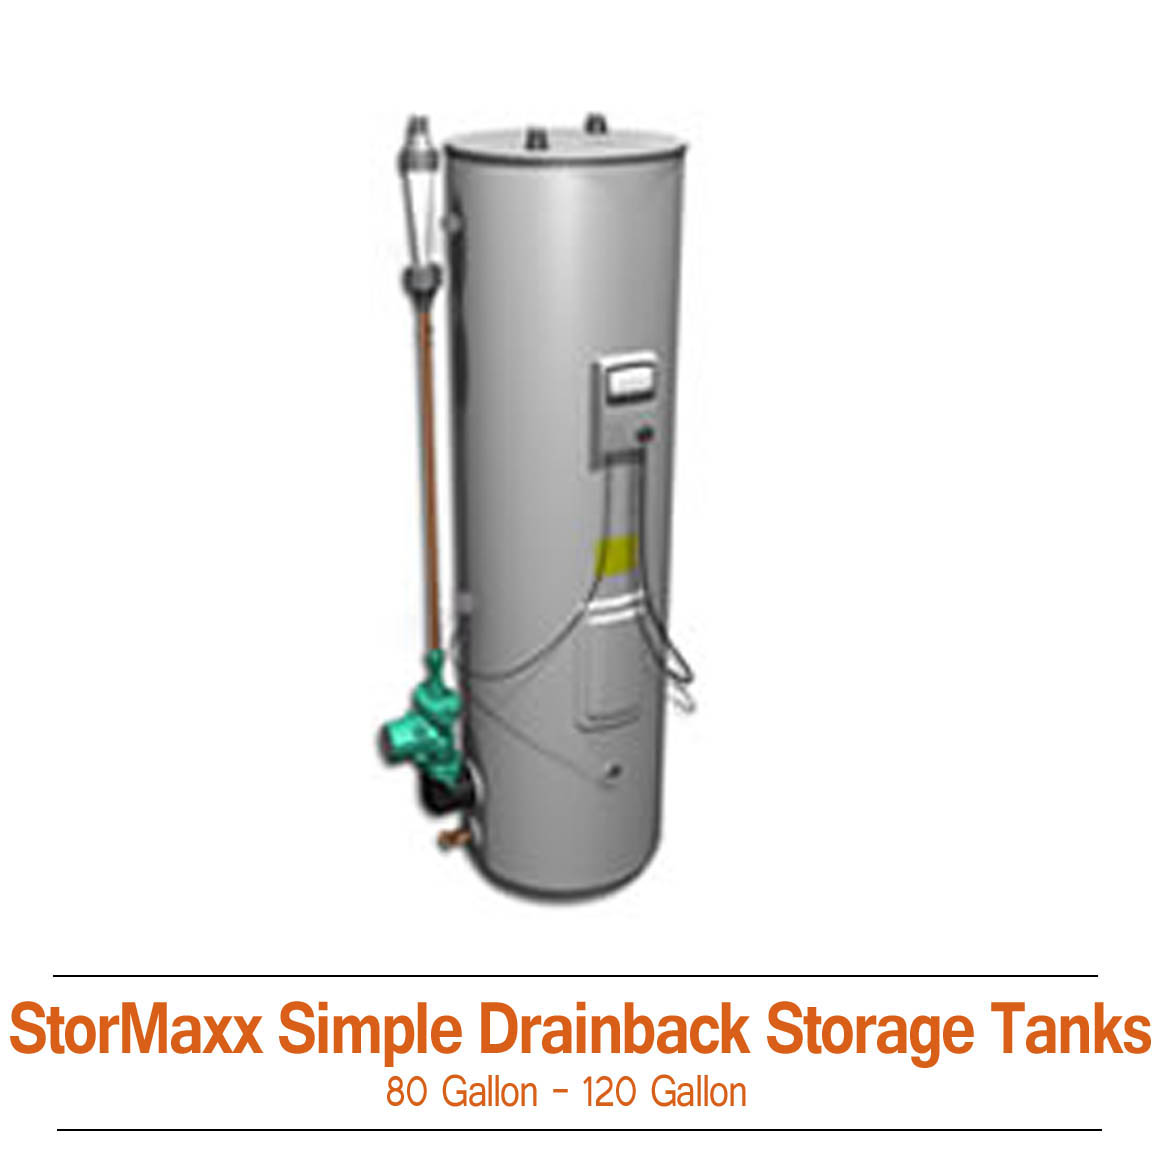 StorMaxx Simple Drainback Tanks